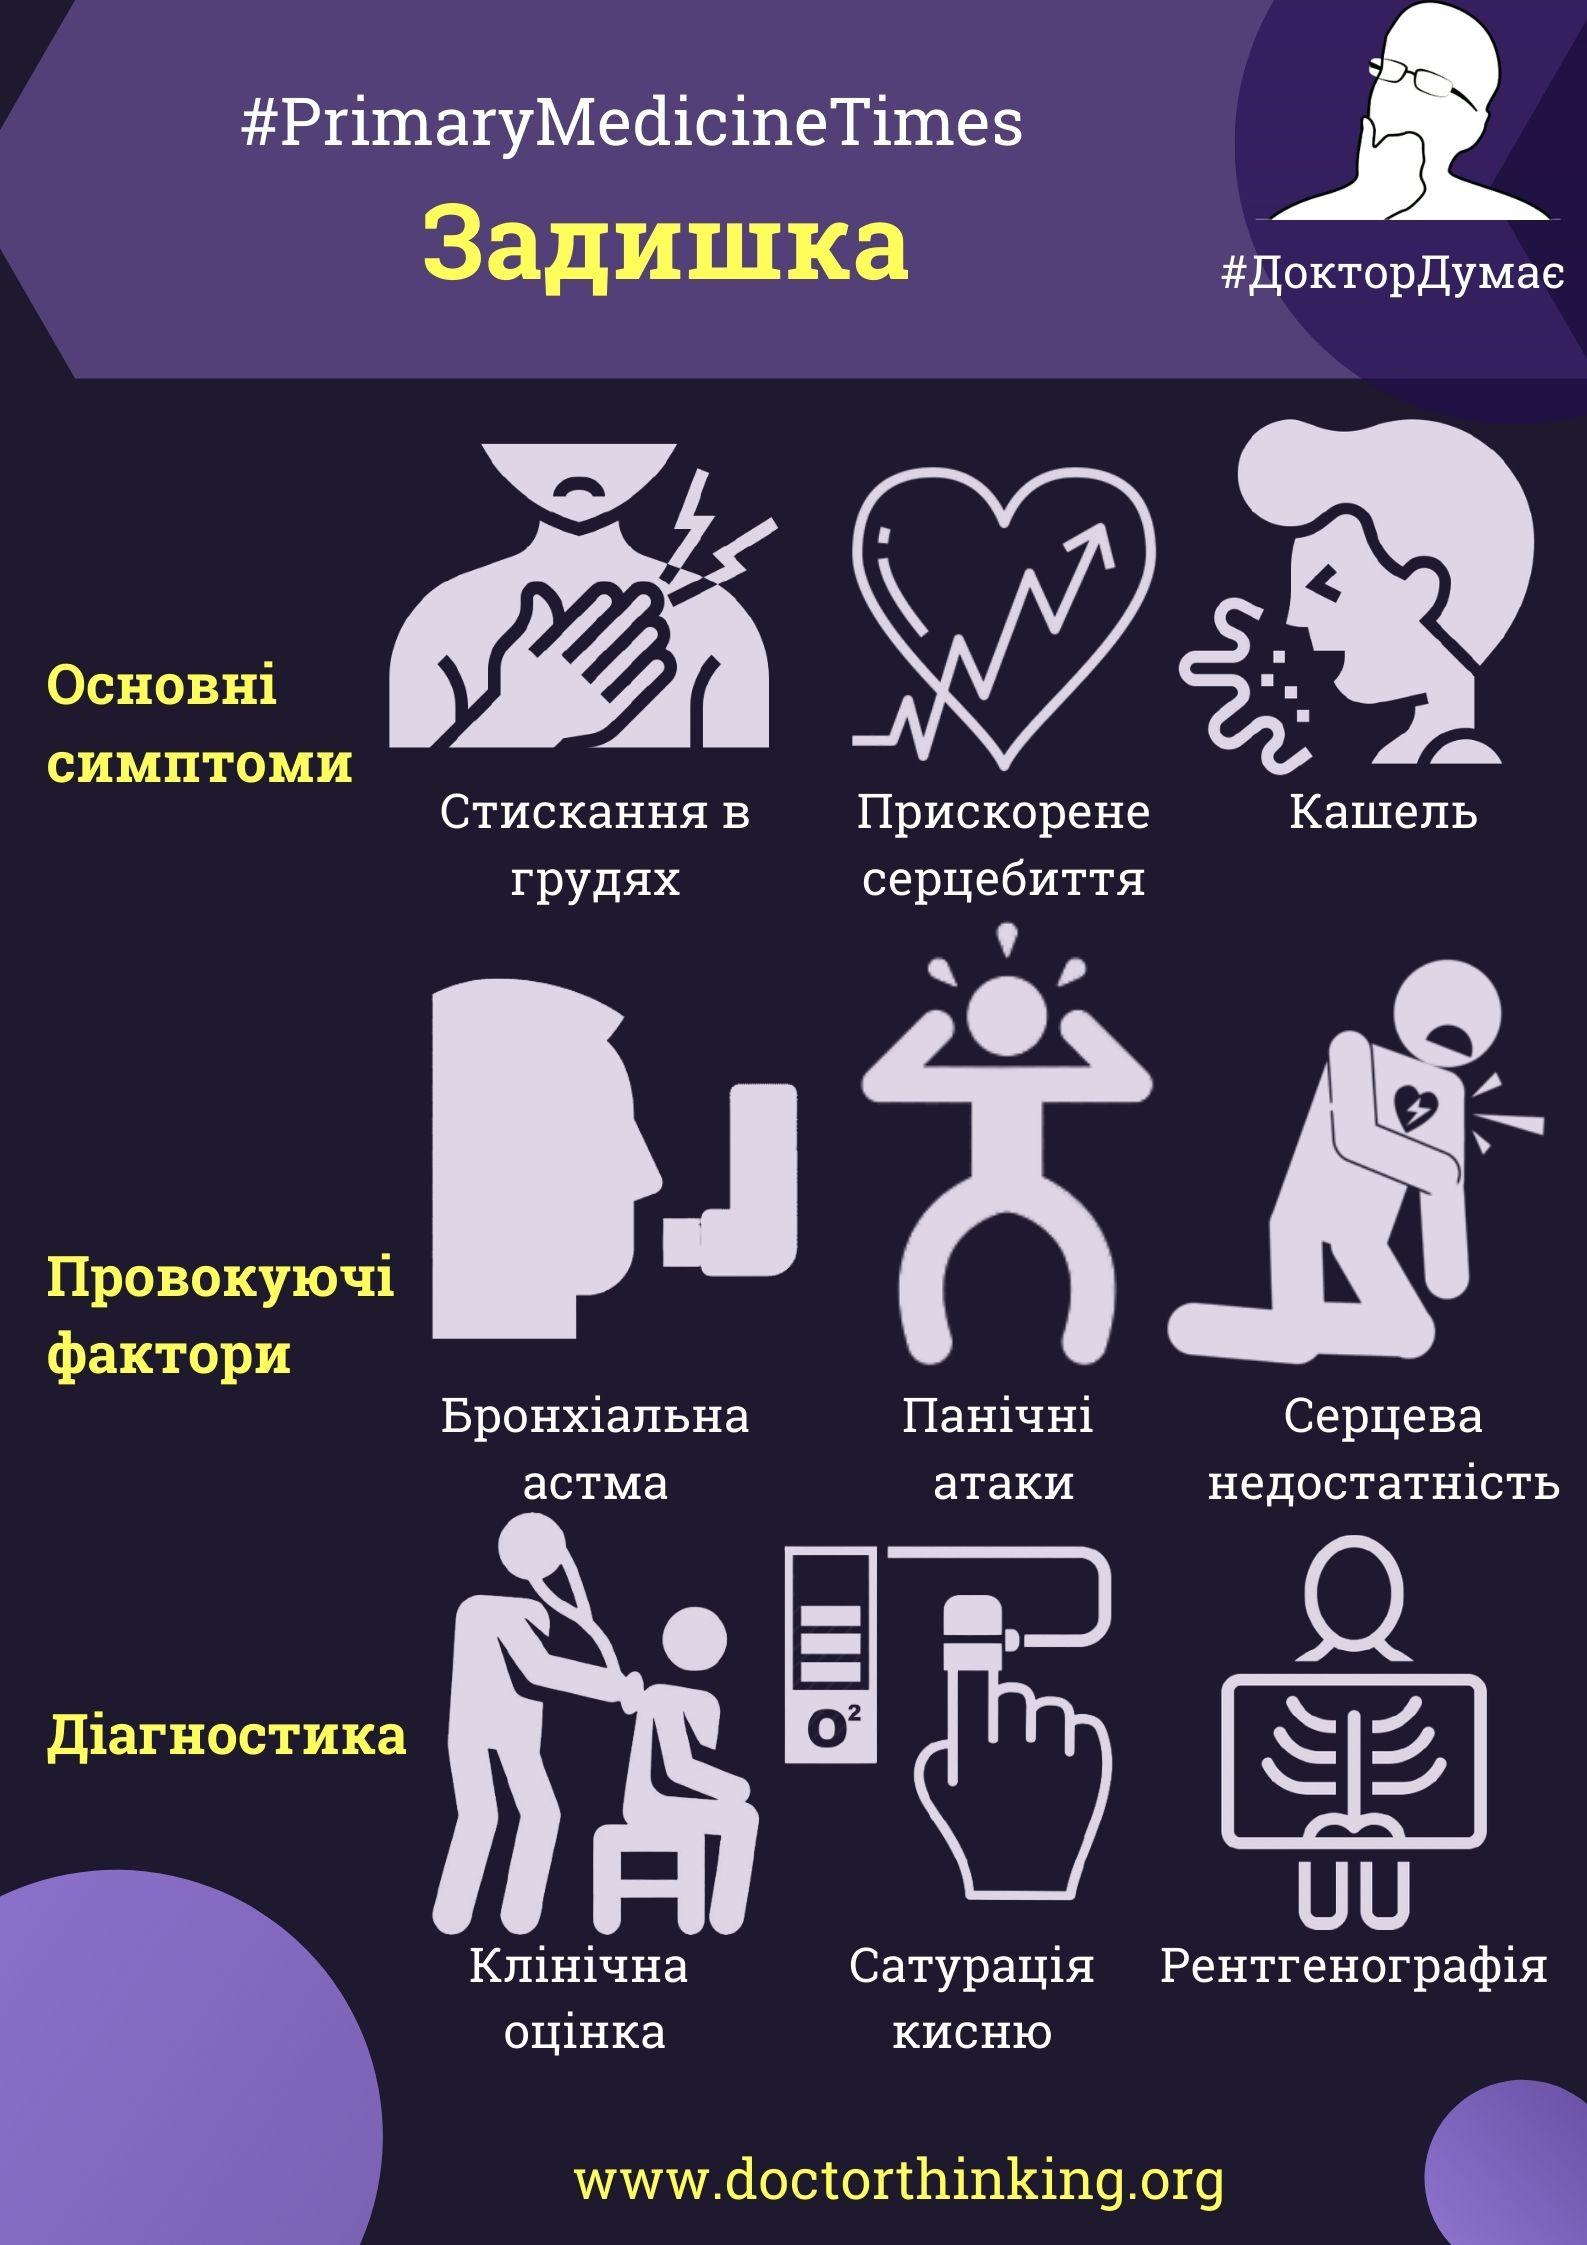 Онлайн стаття задишка для лікарів